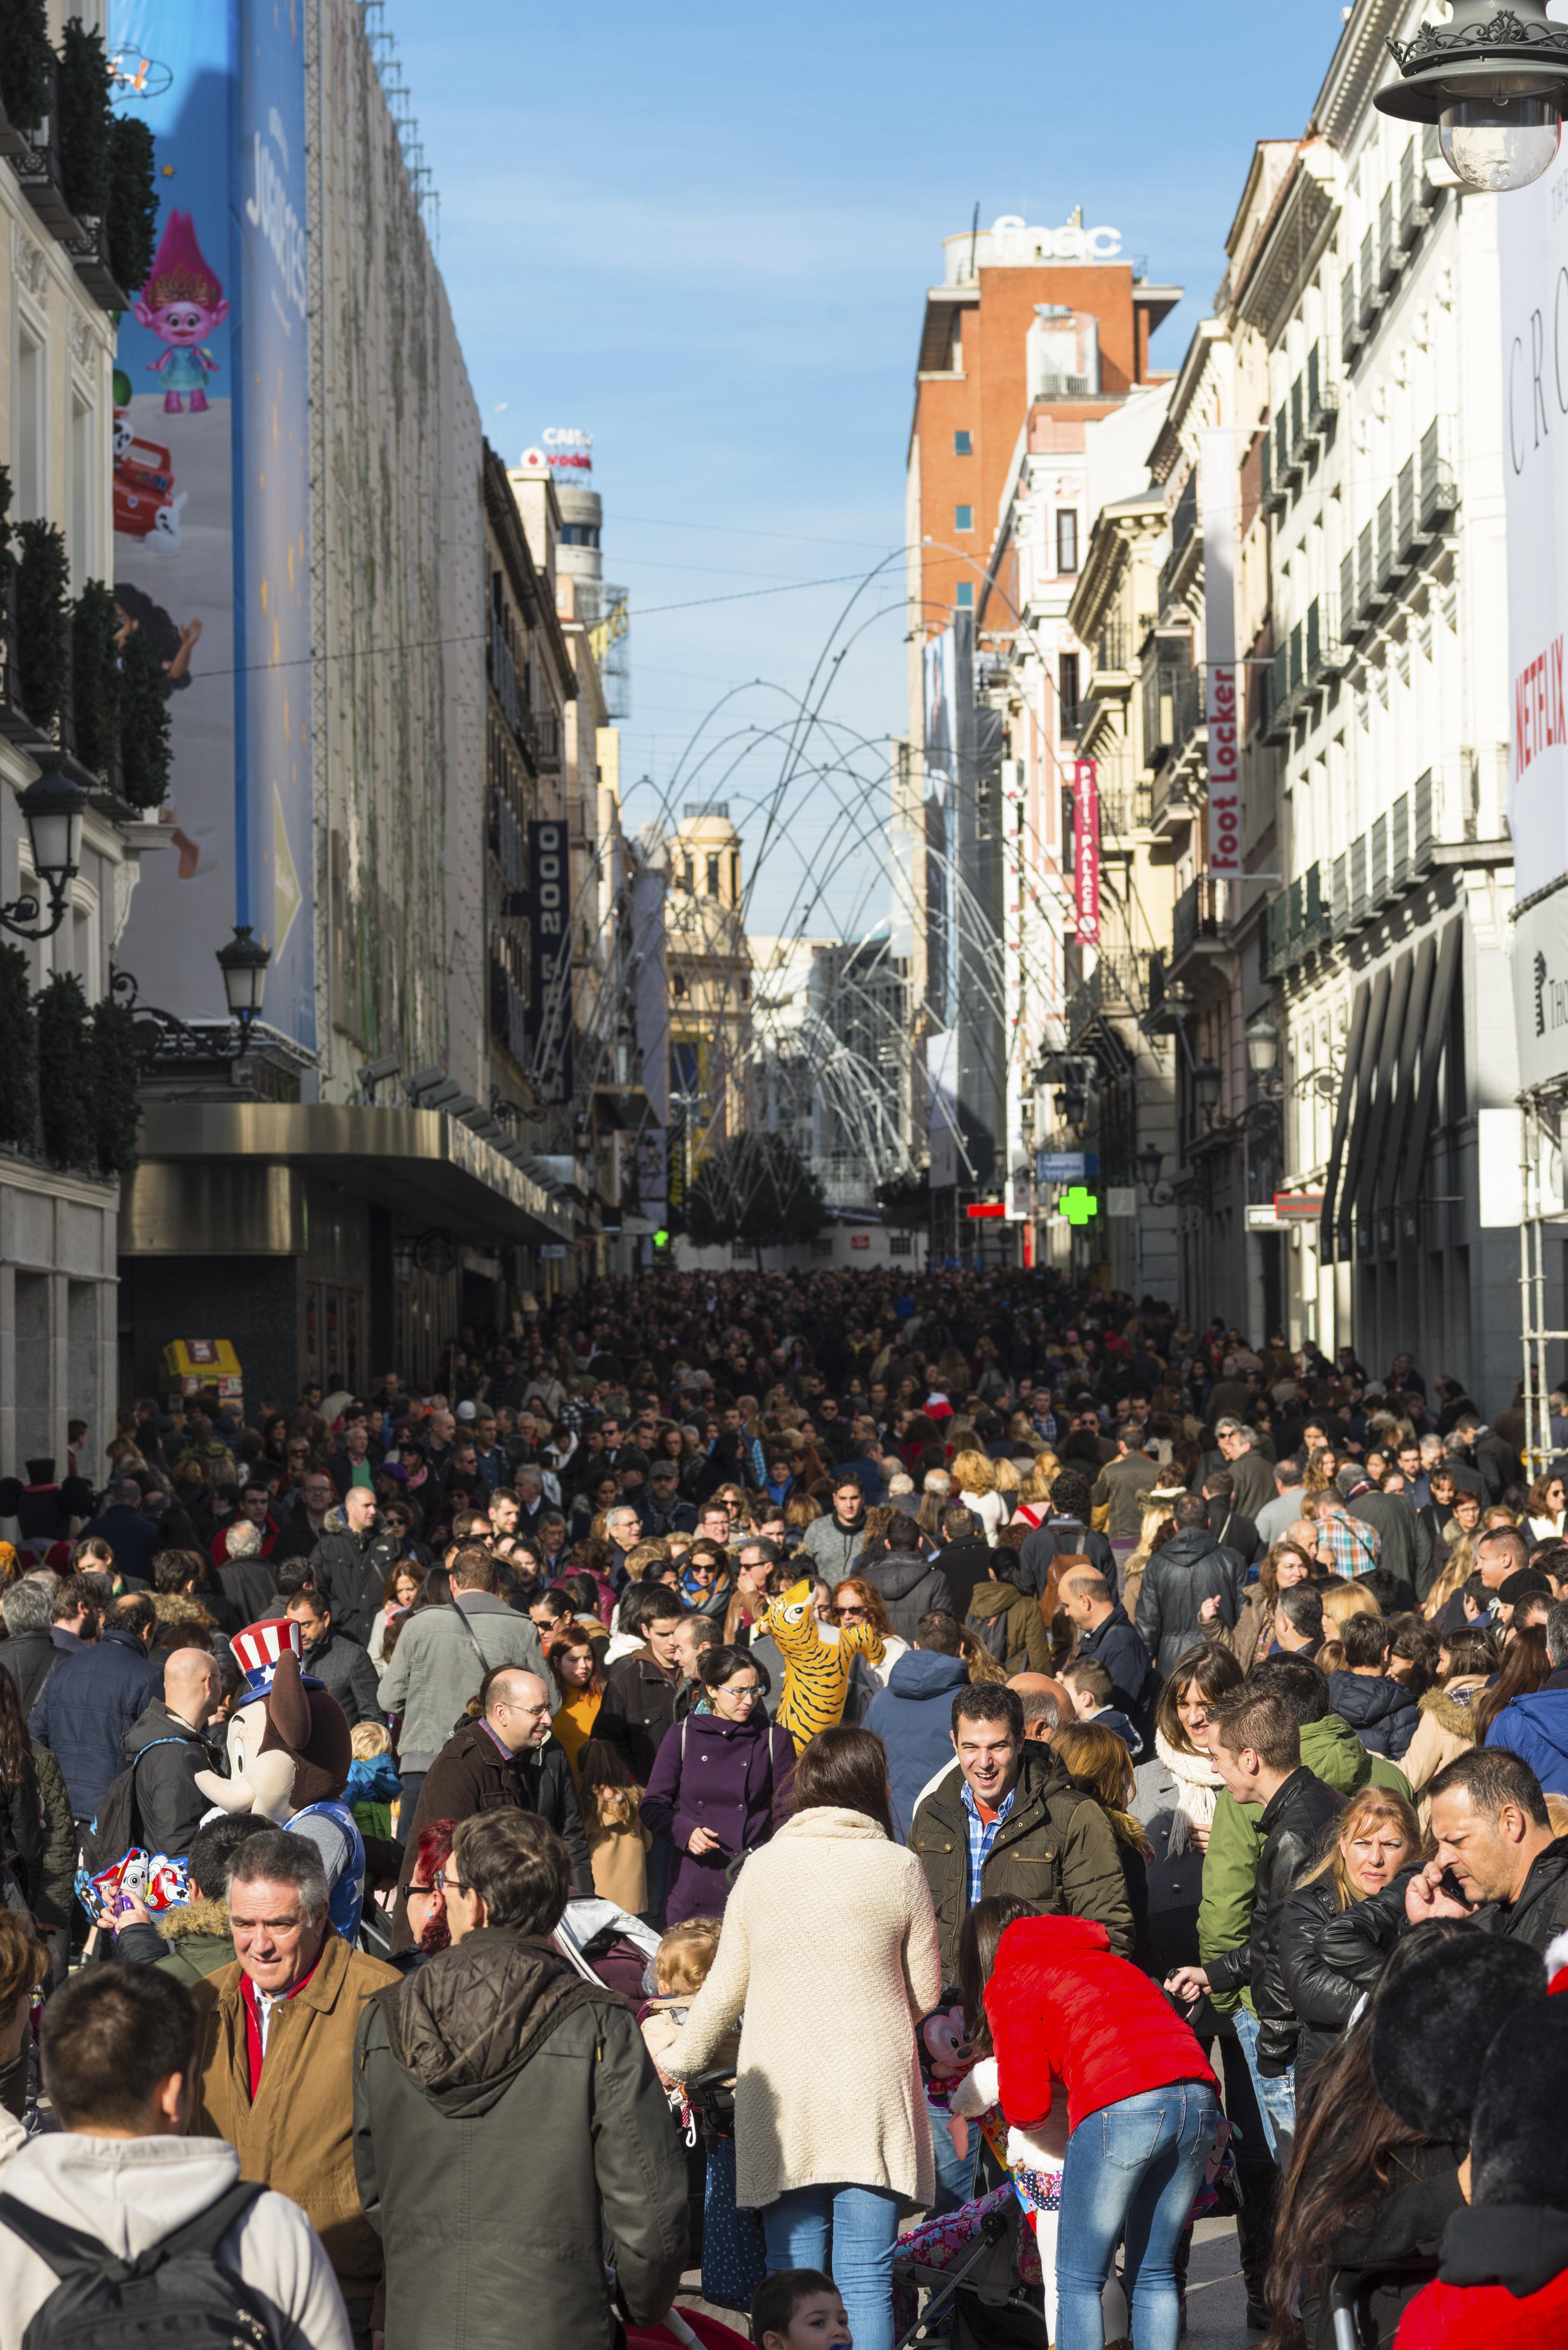 La población española supera los 47 millones por primera vez desde 2013 gracias a los